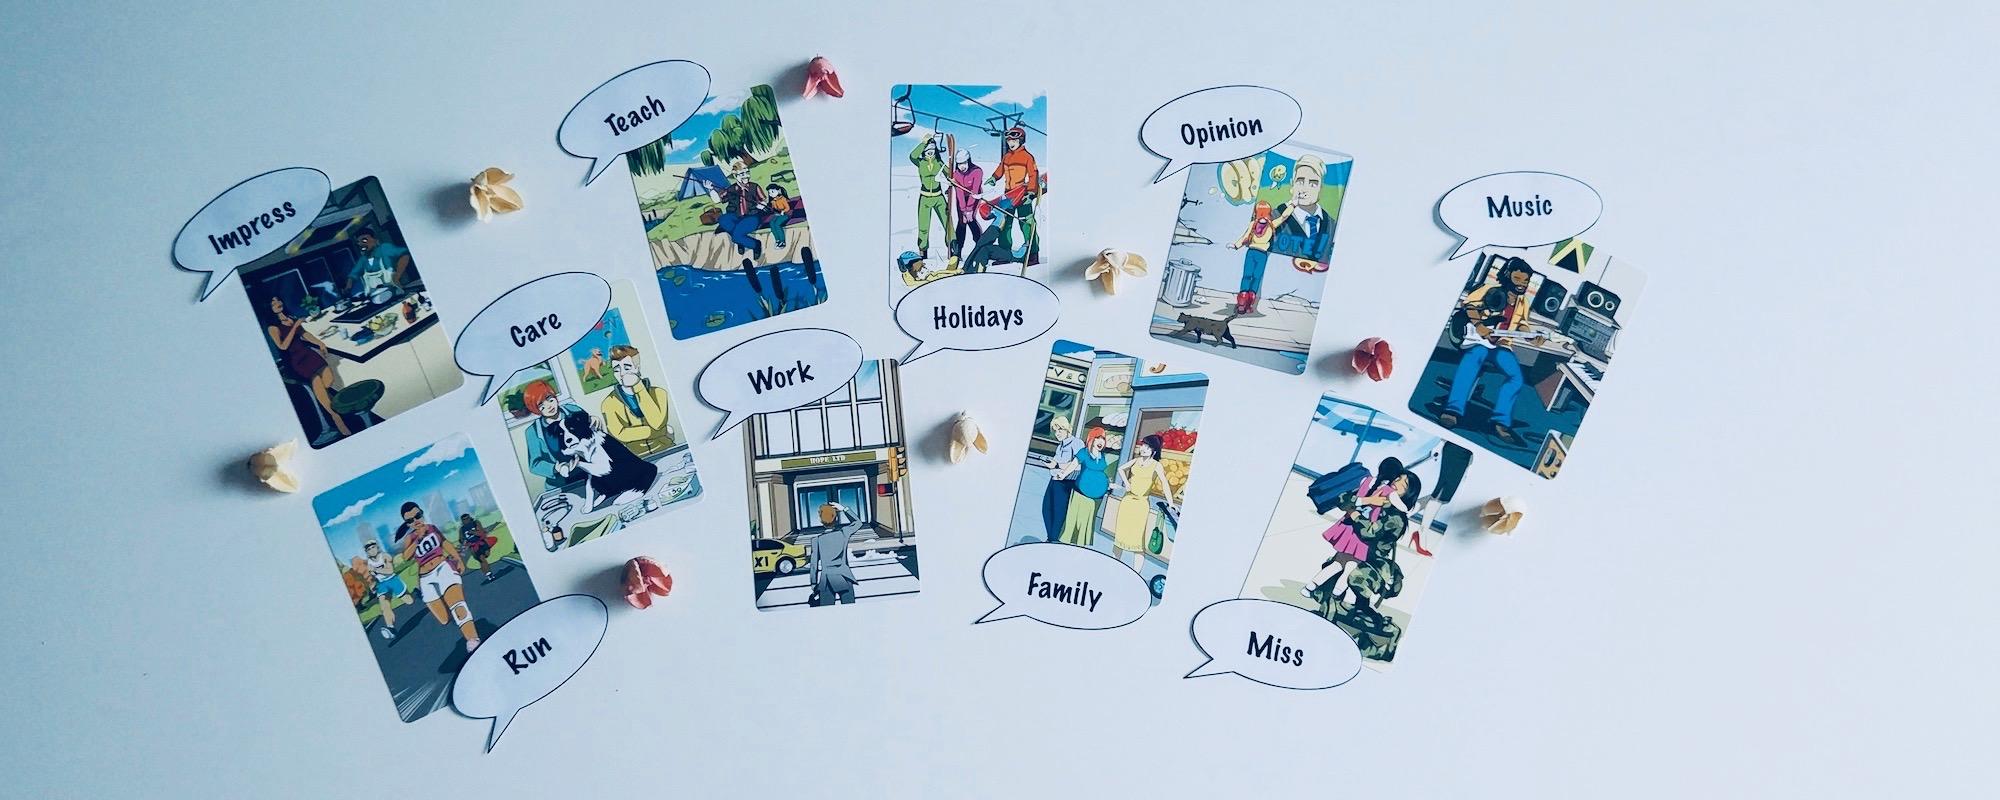 przykładowe przygotowanie do pracy; konkurs 10 słów